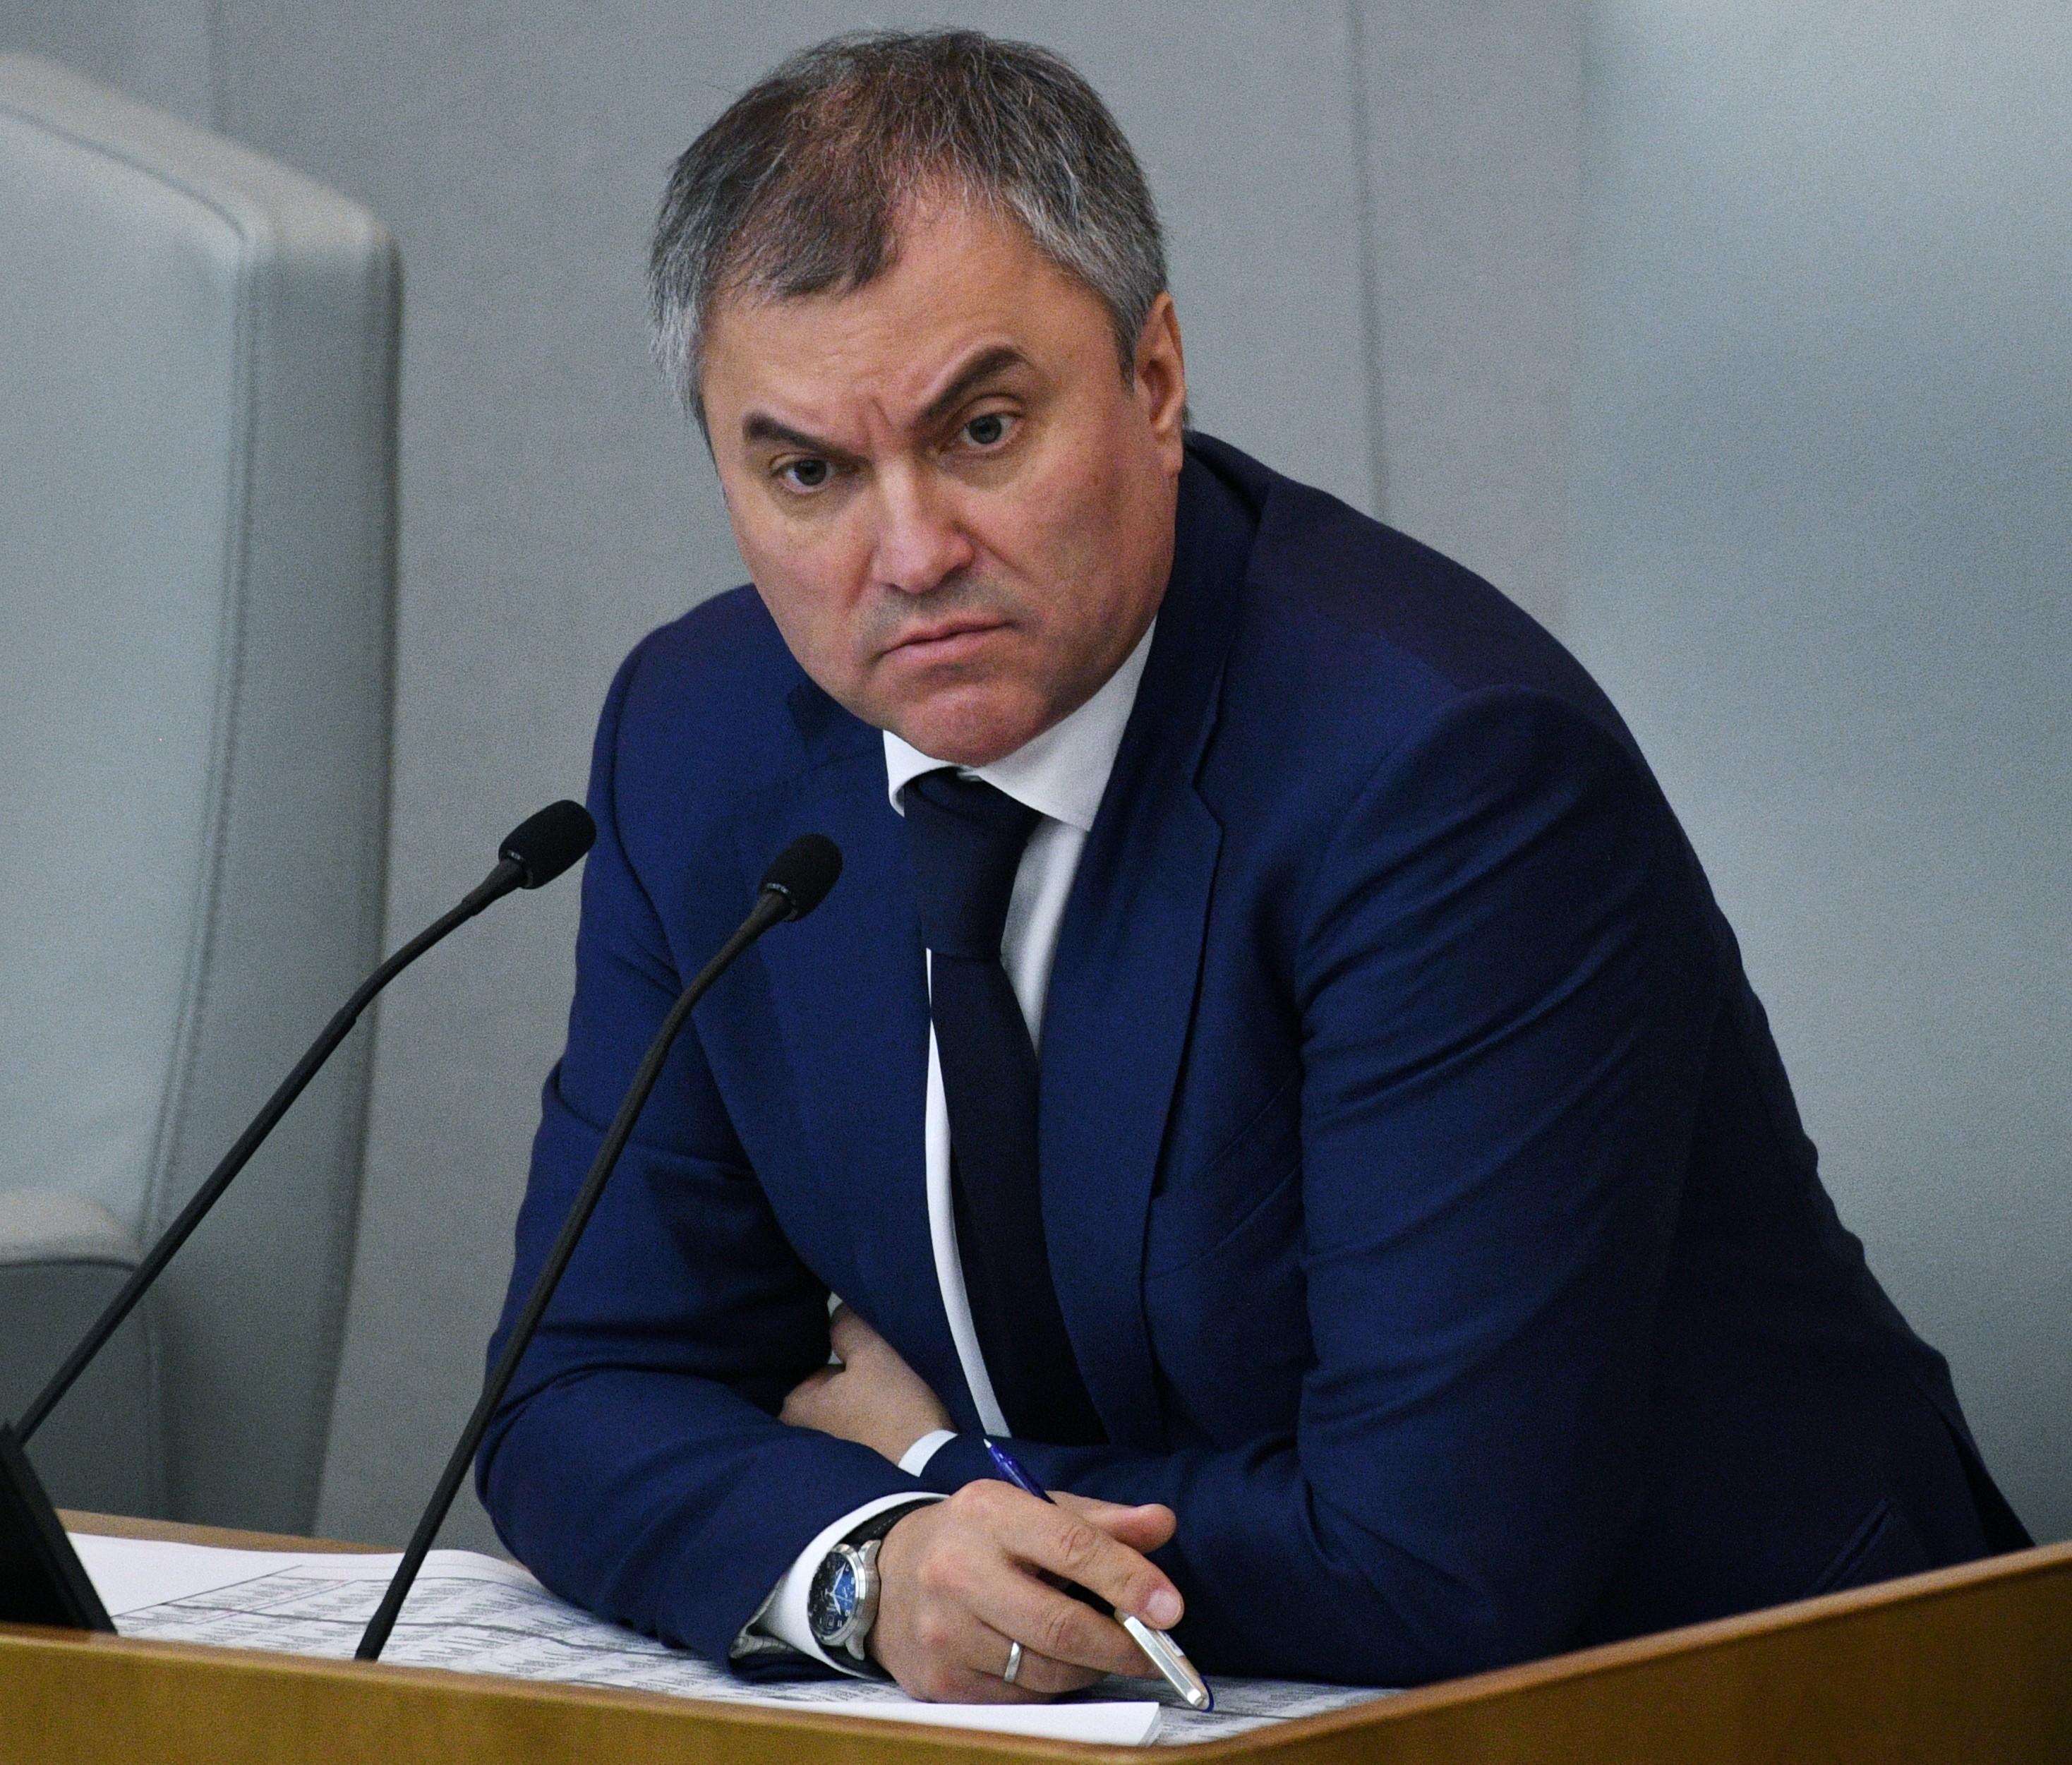 Заявление Европарламента наталкивает на мысли о причастности западных спецслужб к инциденту с Навальным